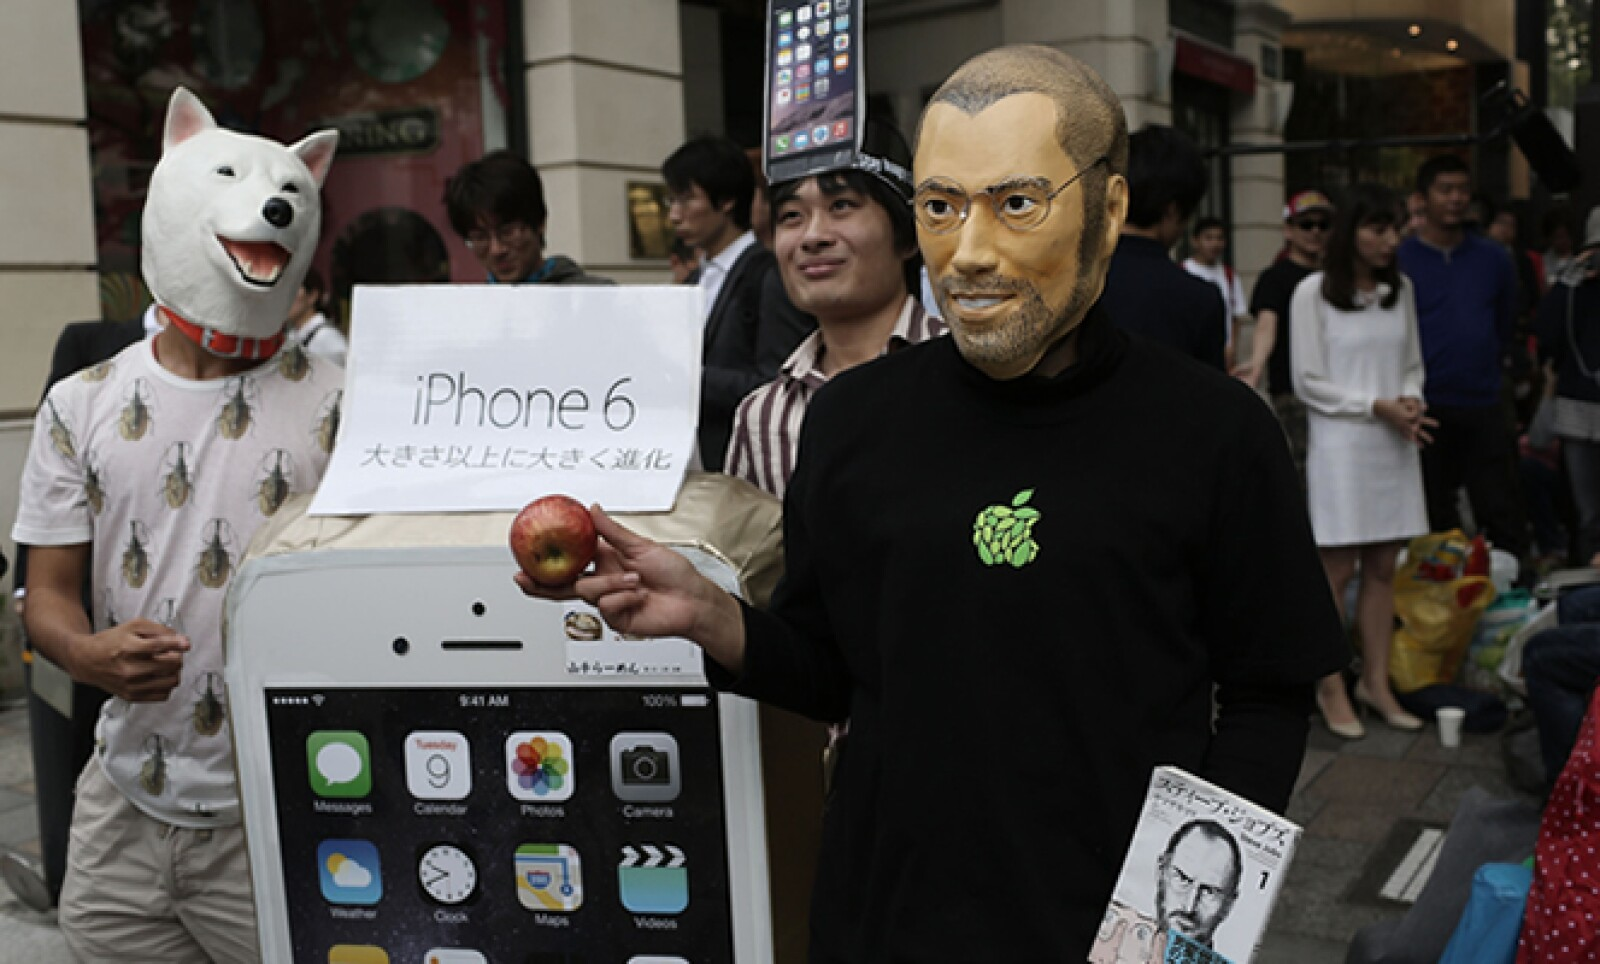 Un aficionado de Japón decidió ir por su iPhone 6 caracterizado como el creador de Apple.